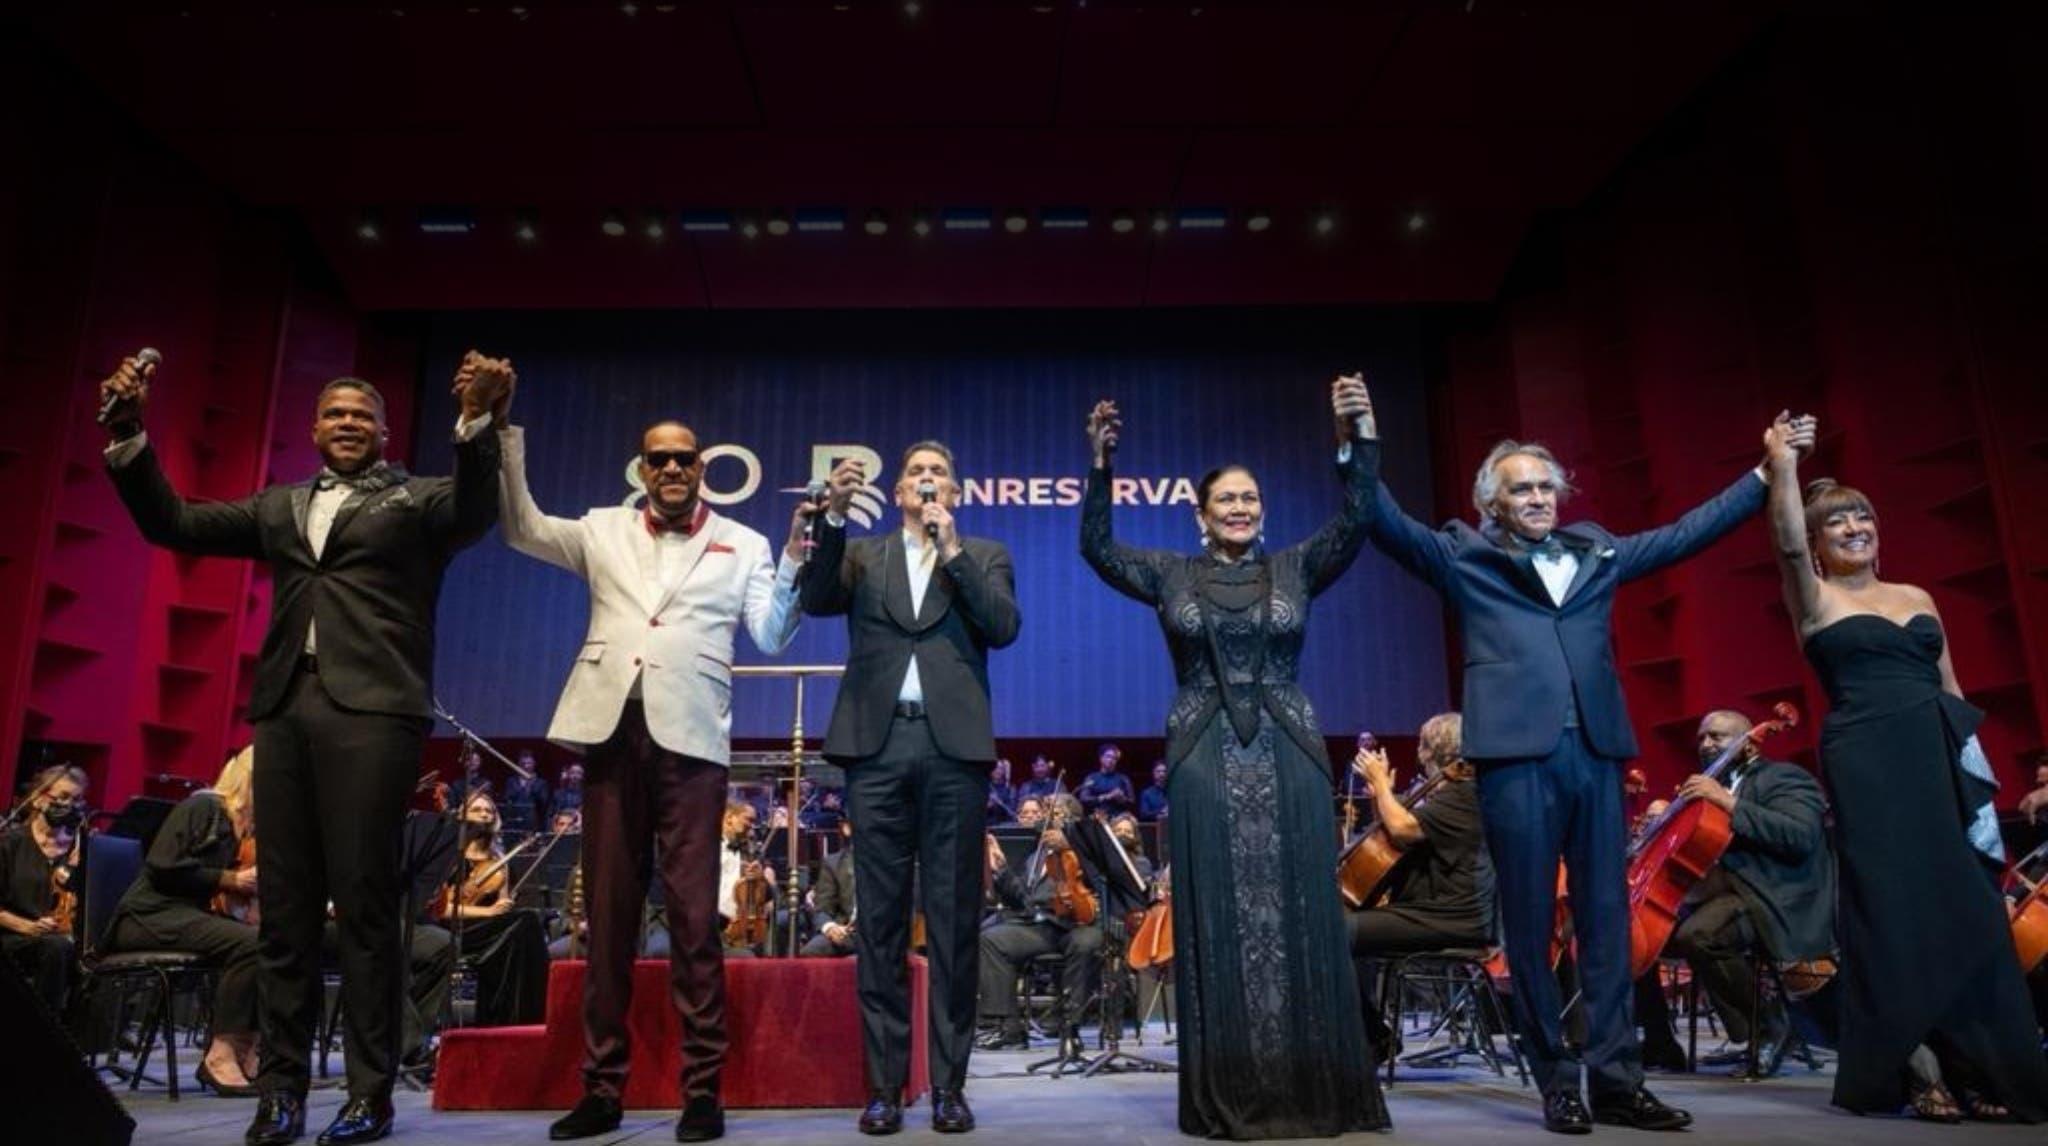 La Sinfónica ofrece memorable  concierto de música popular